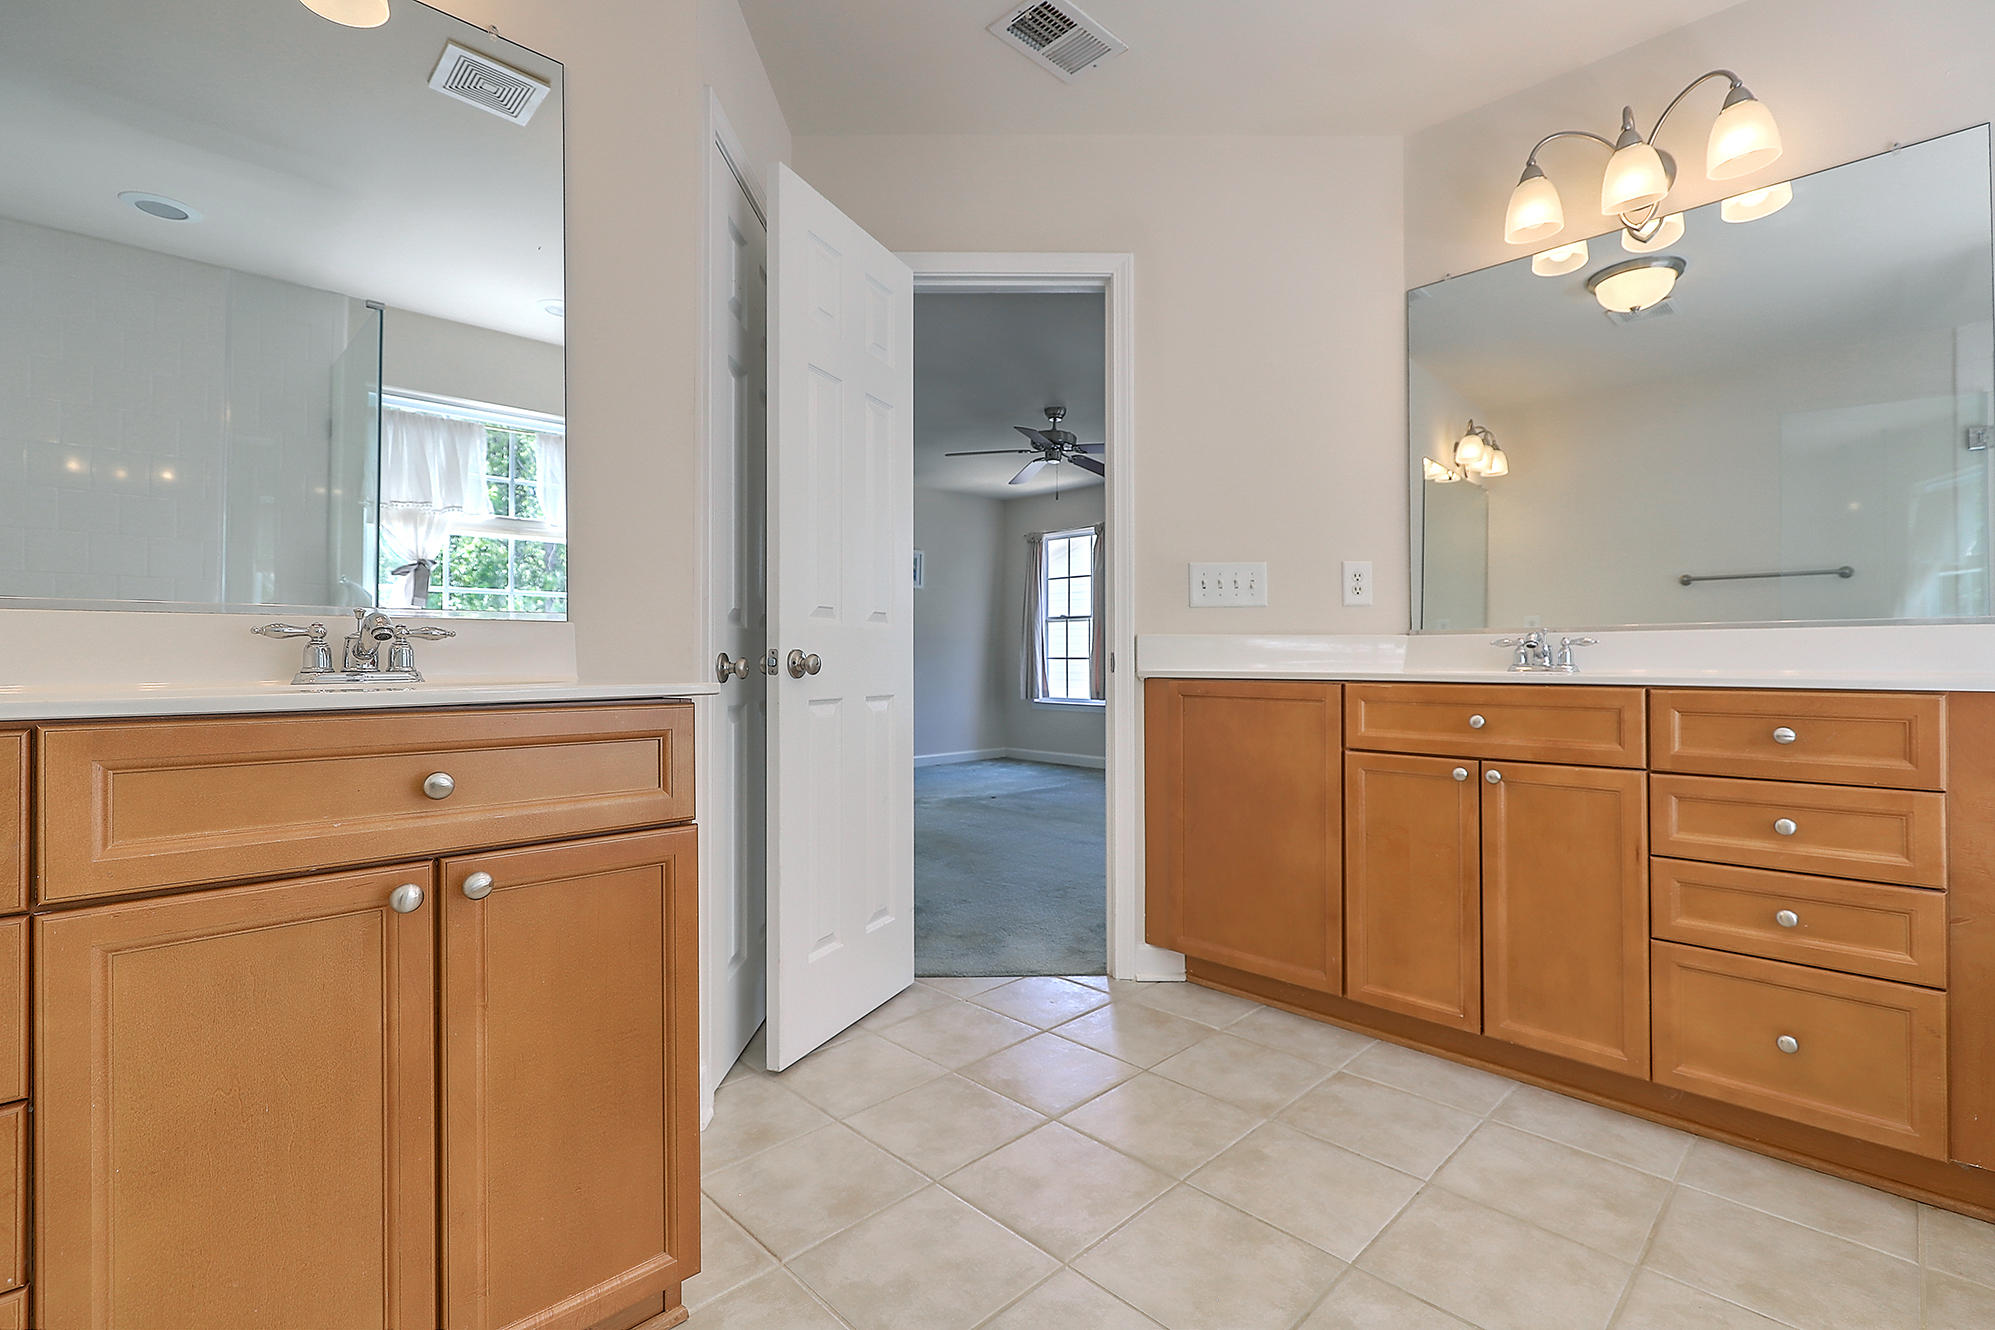 Kensington at Park West Homes For Sale - 3521 Claremont, Mount Pleasant, SC - 24